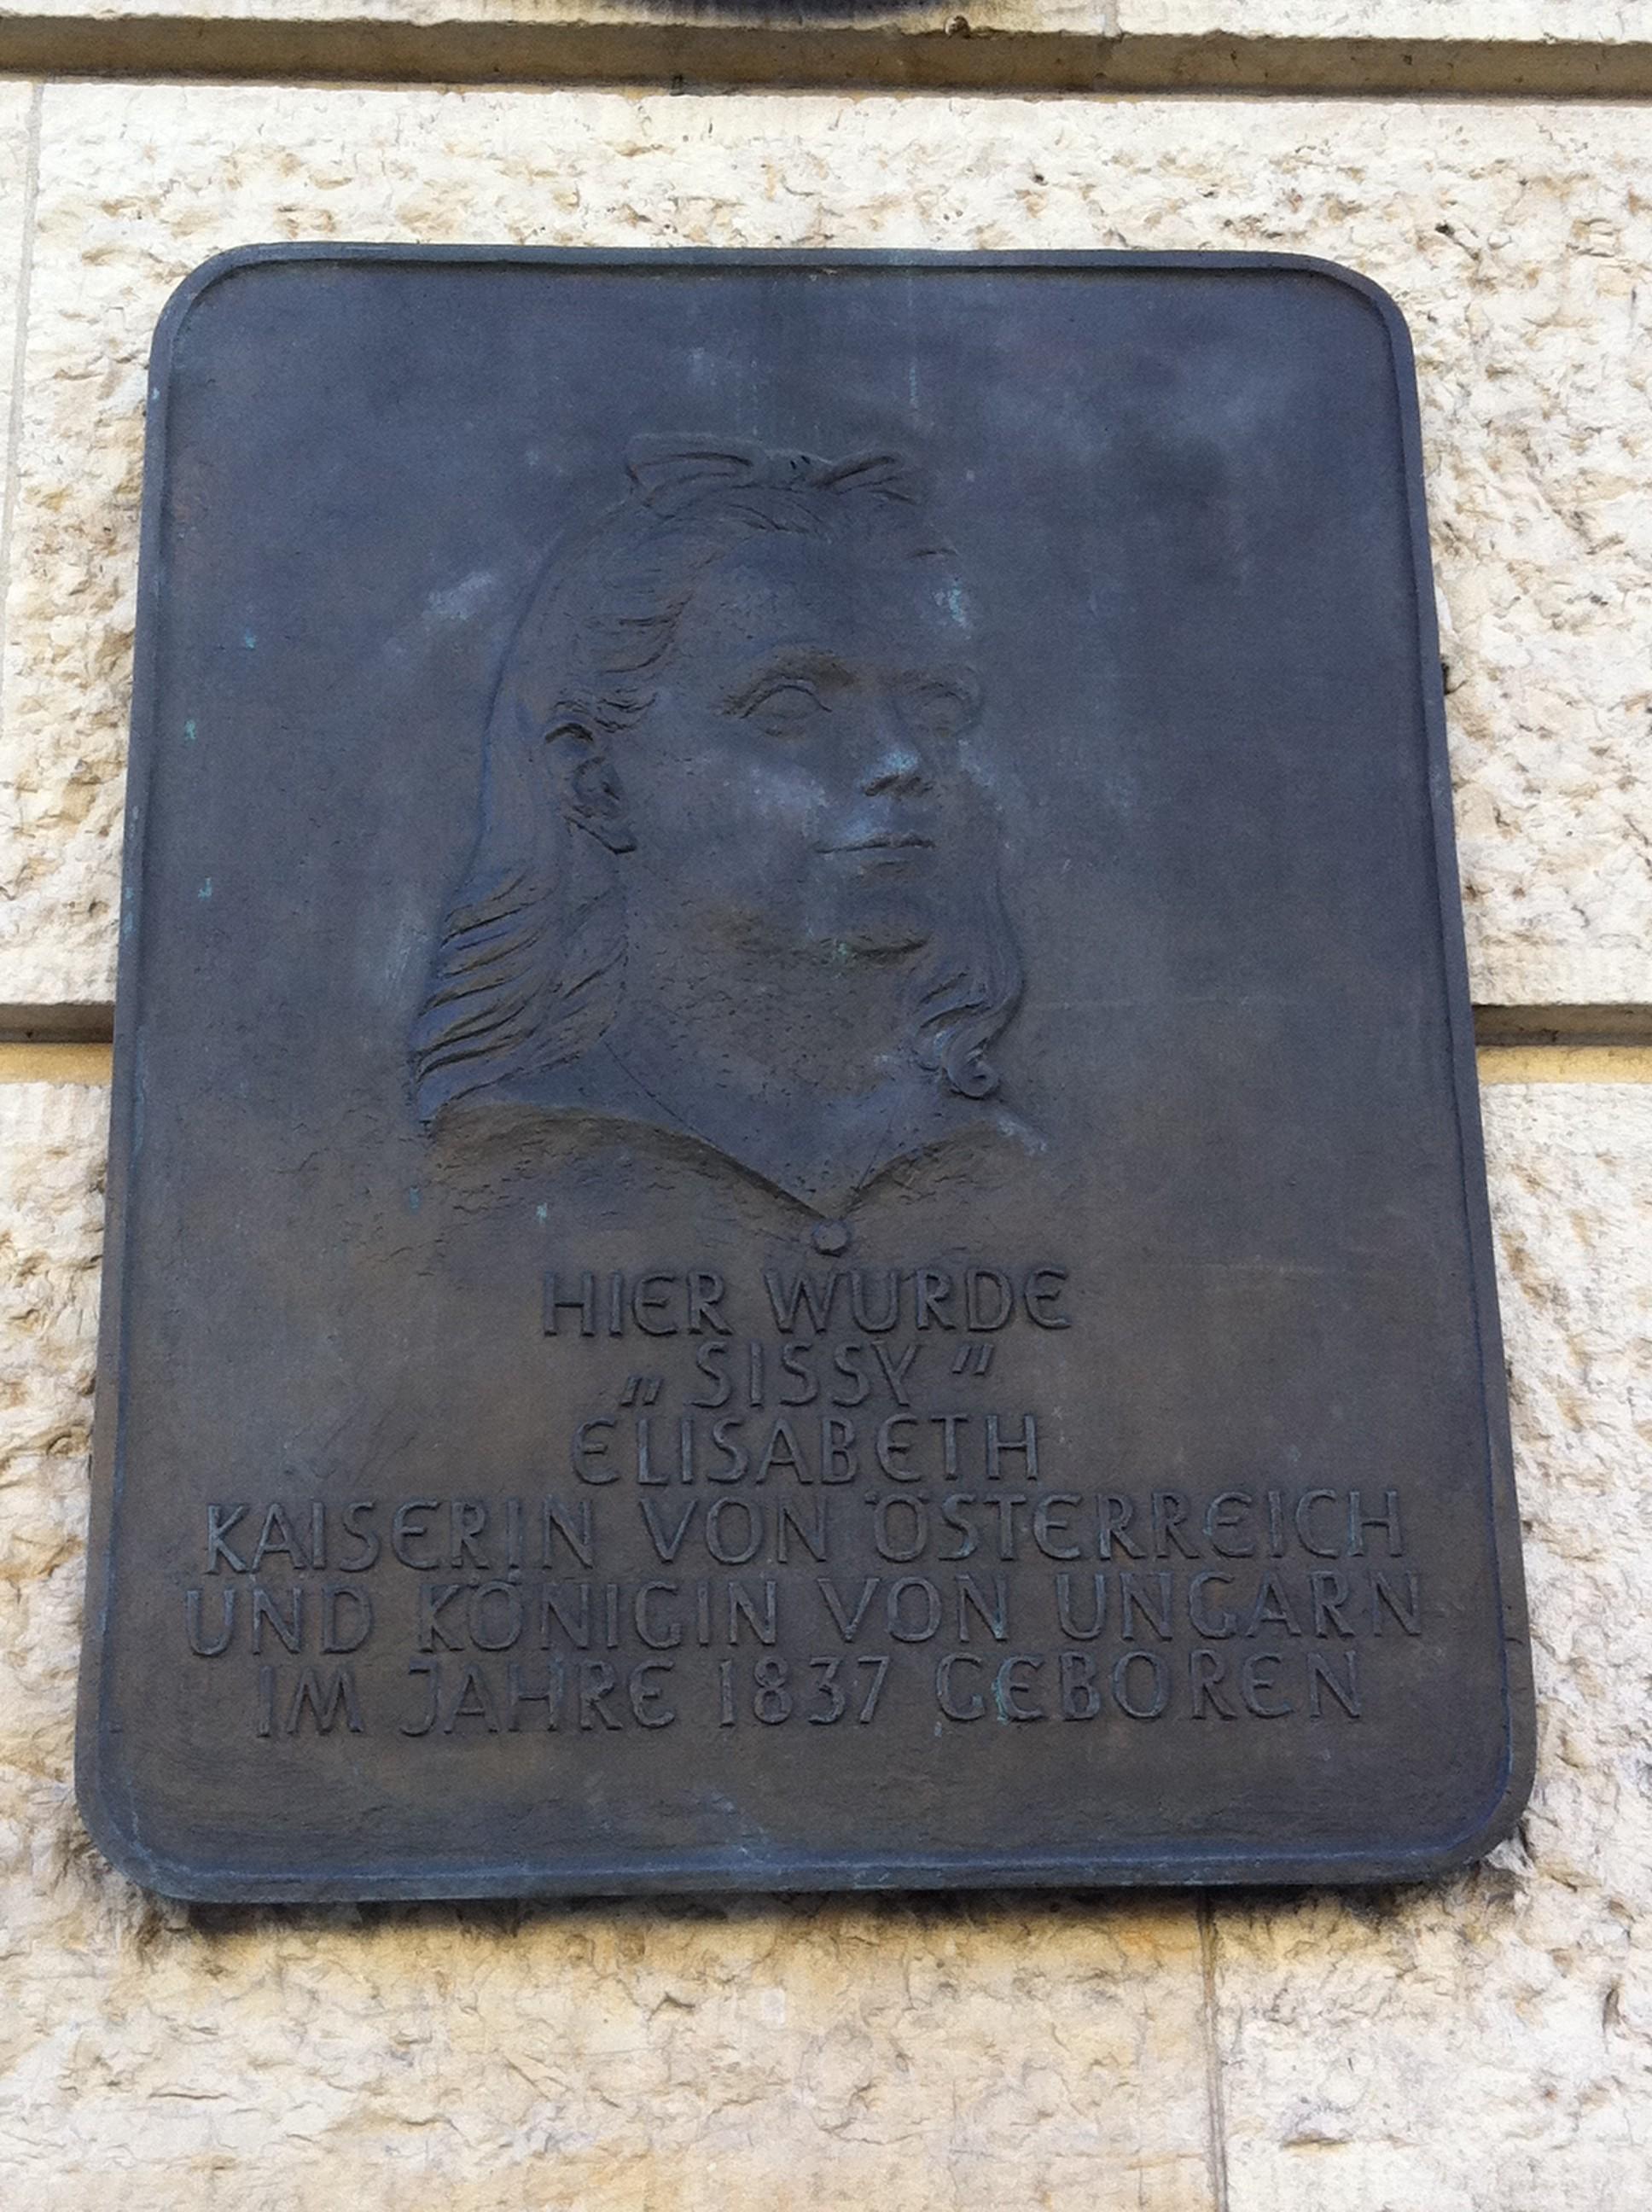 Sissi-Plakette in München